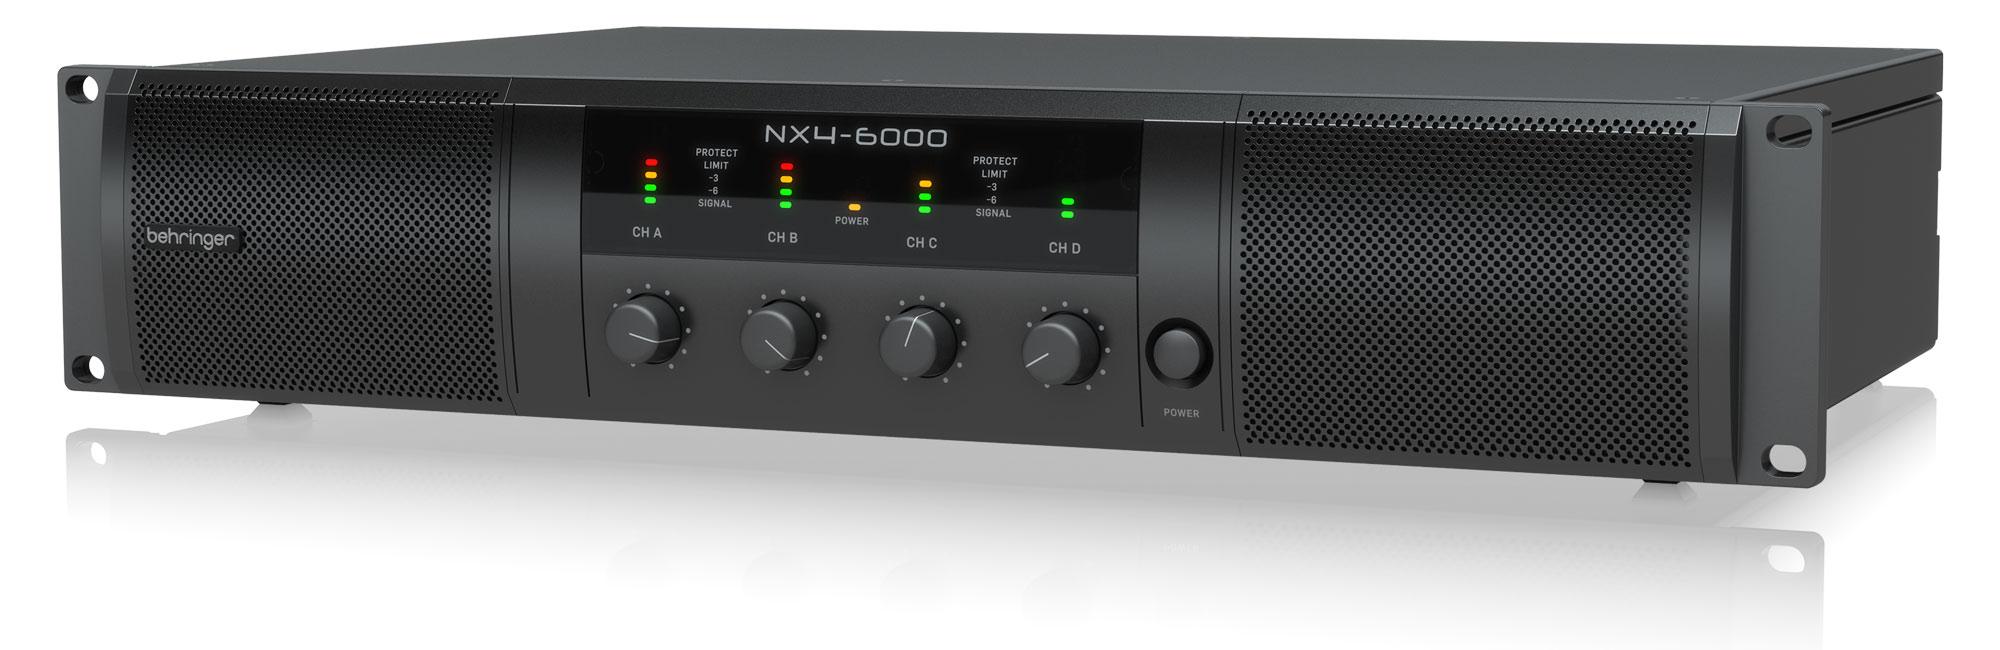 Paendstufen - Behringer NX4 6000 Endstufe Retoure (Zustand gut) - Onlineshop Musikhaus Kirstein